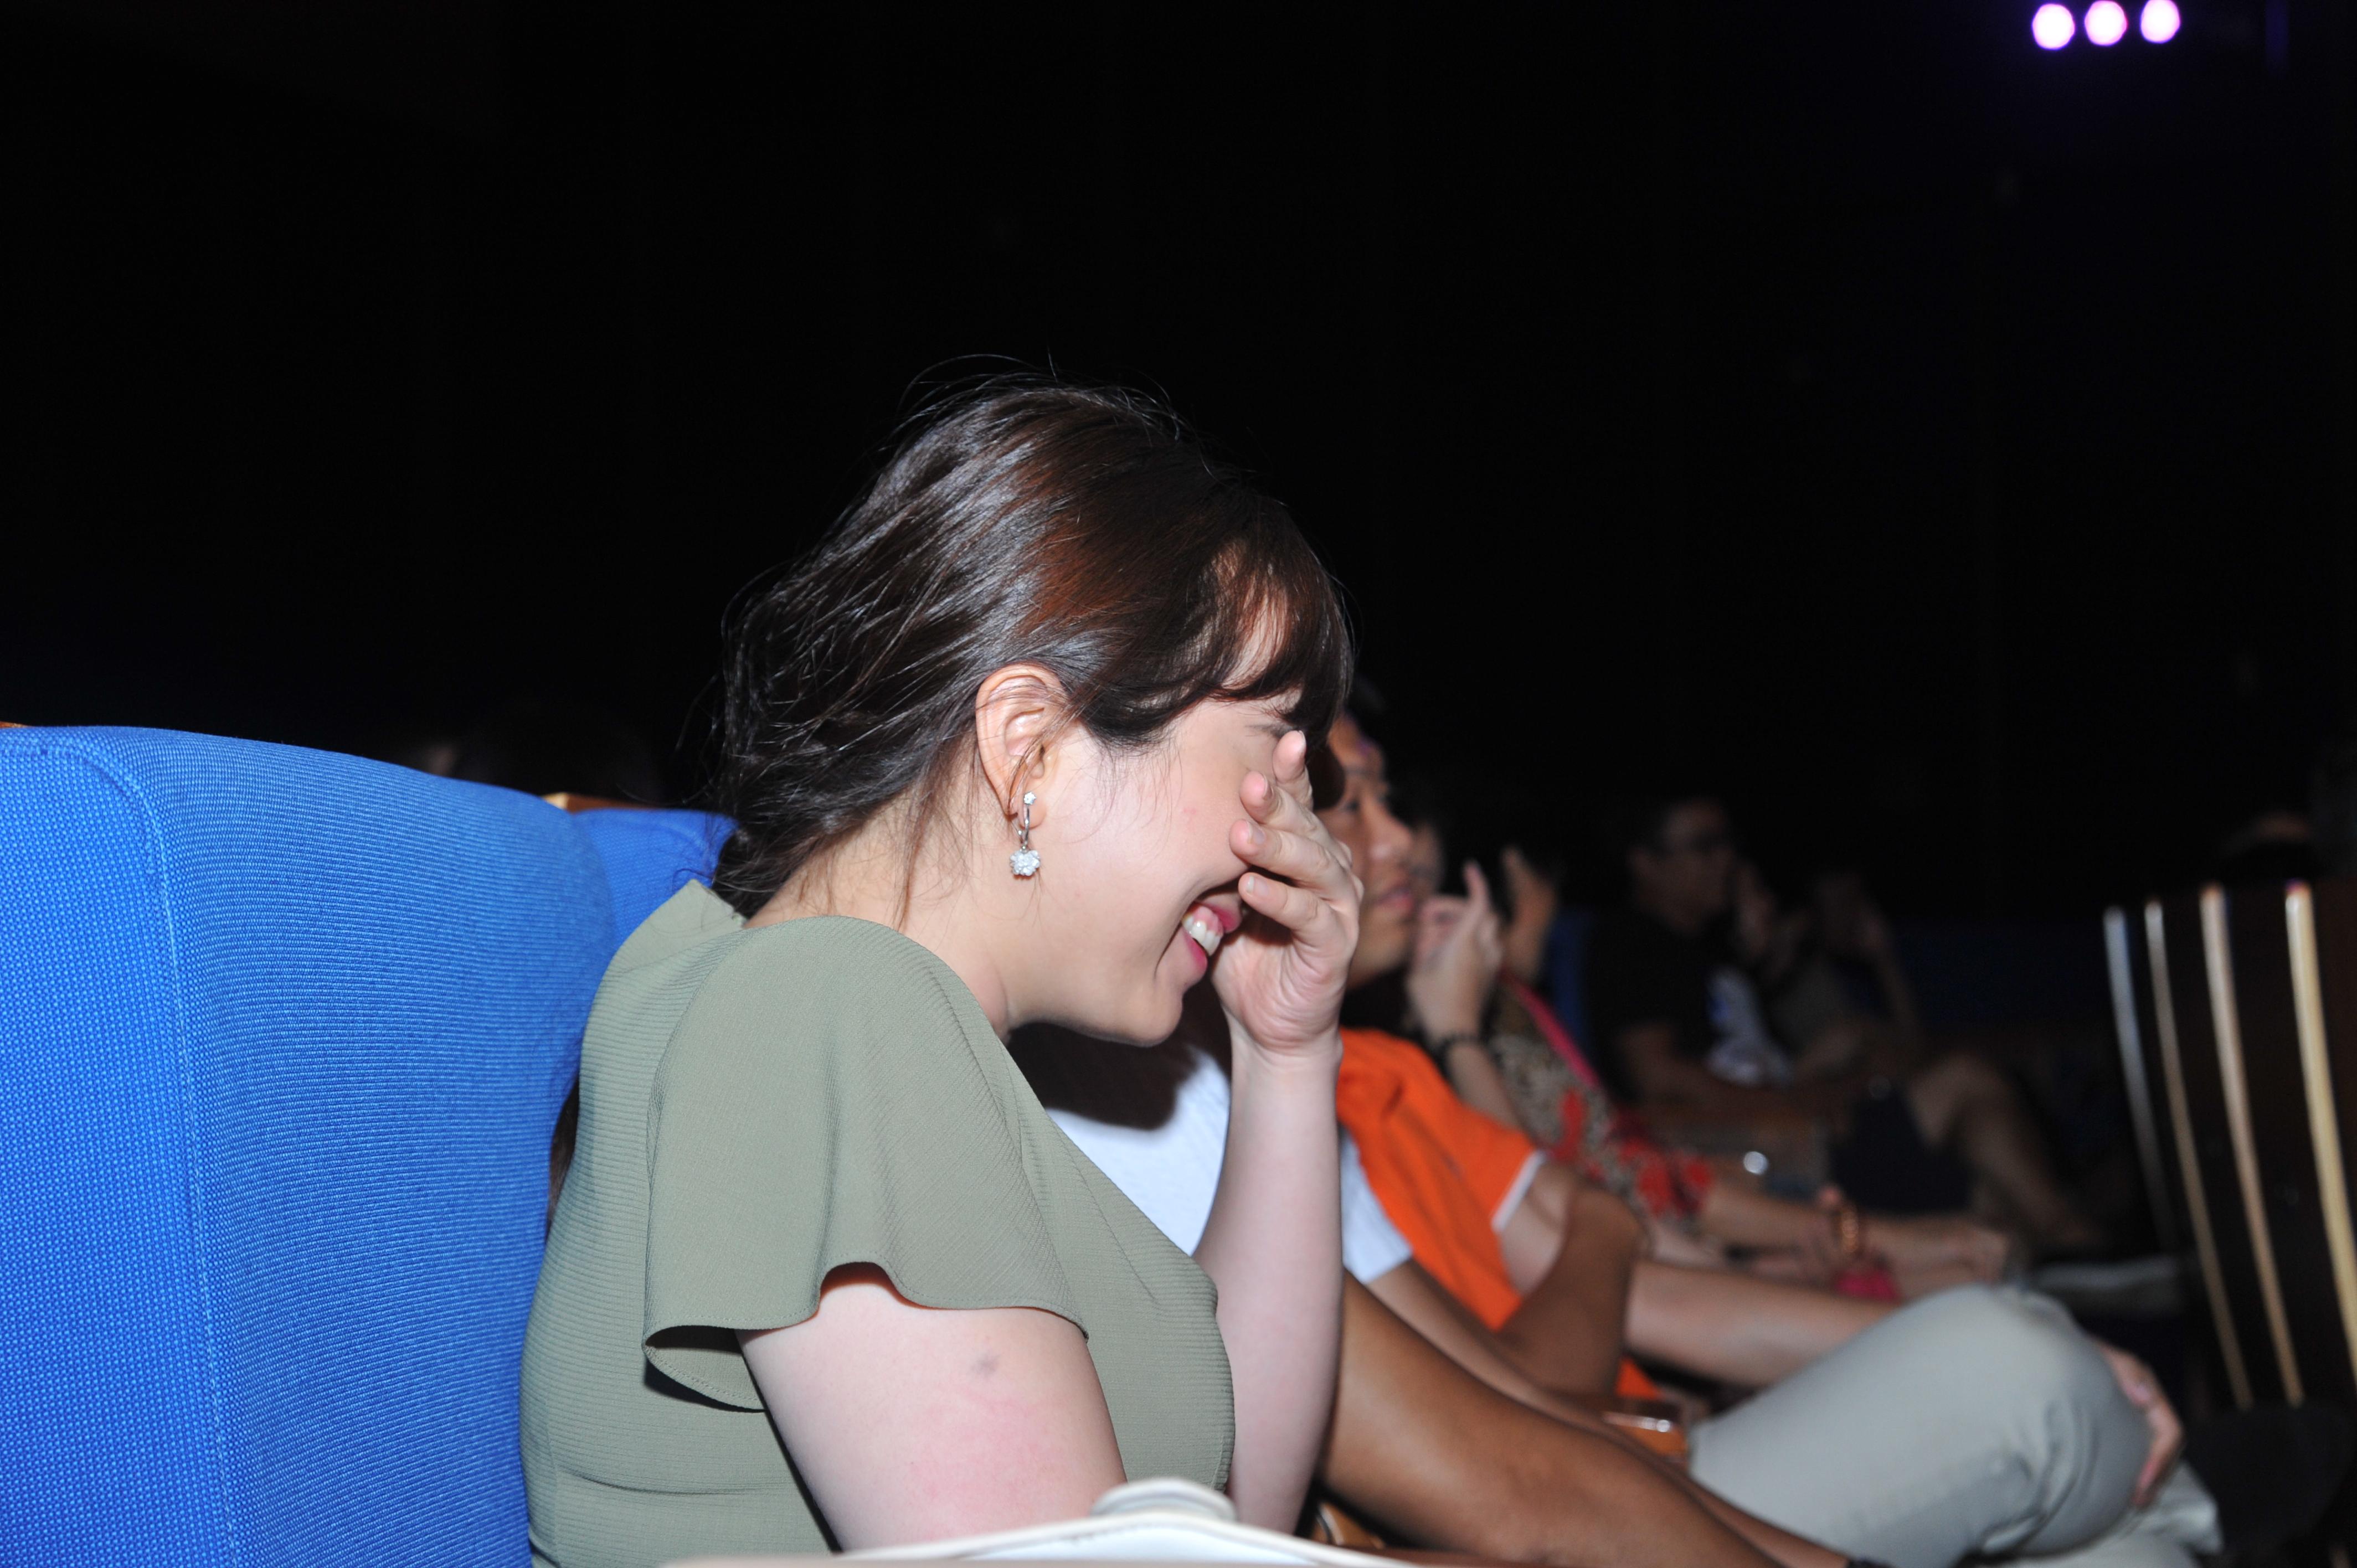 """Khán giả không thể nhịn cười trước sự duyên dáng của """"cô Đẩu""""."""